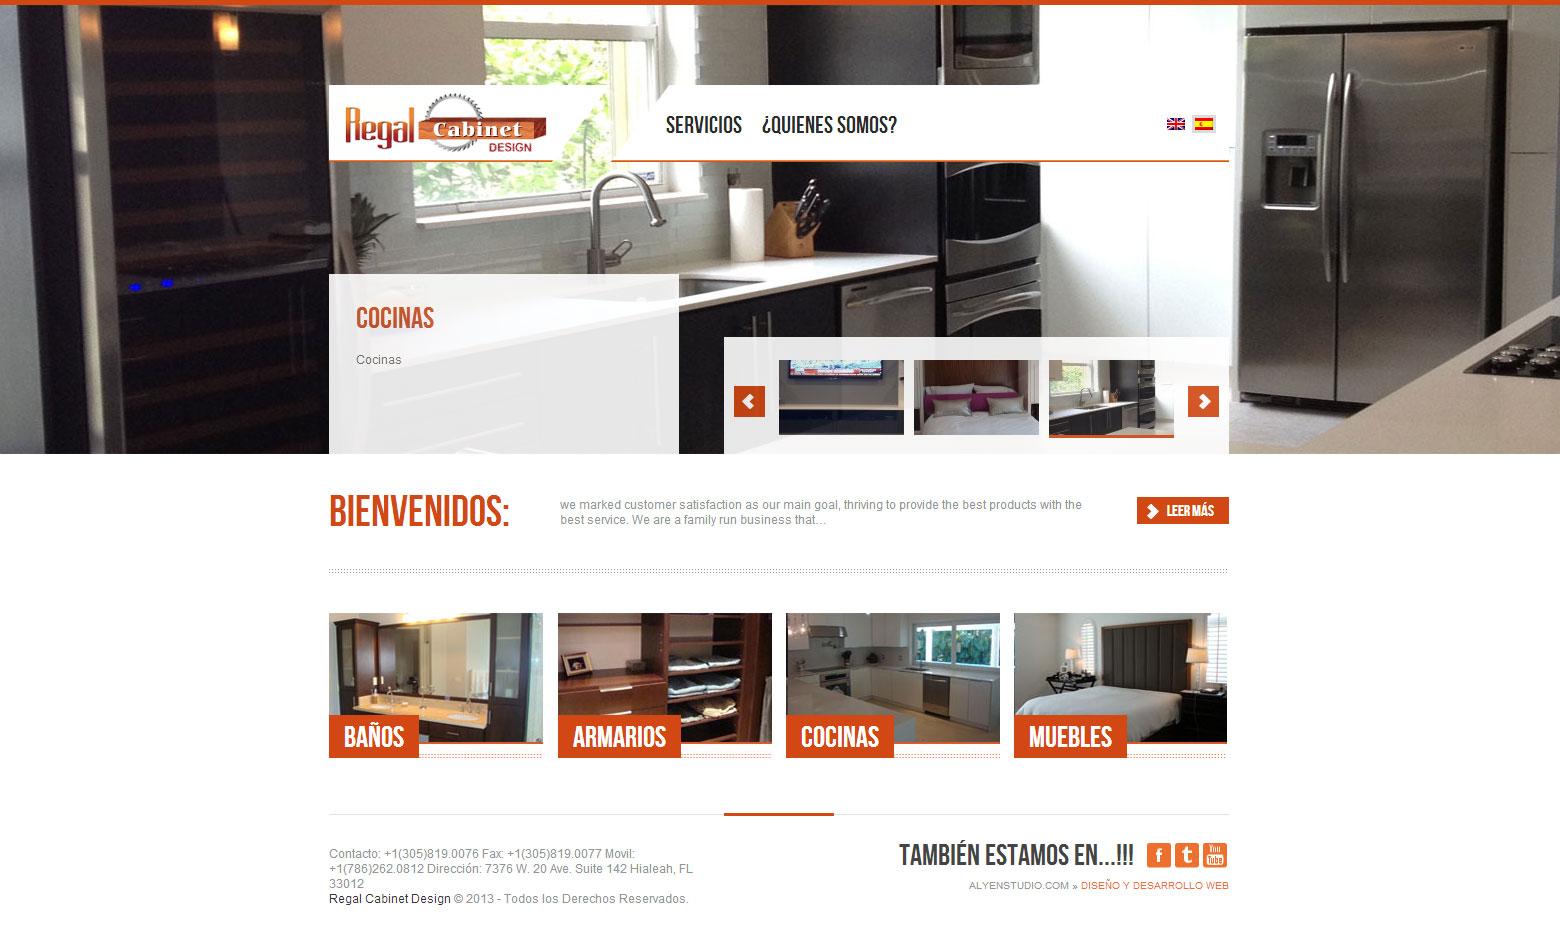 Criação do Site Regal Cabinet Design